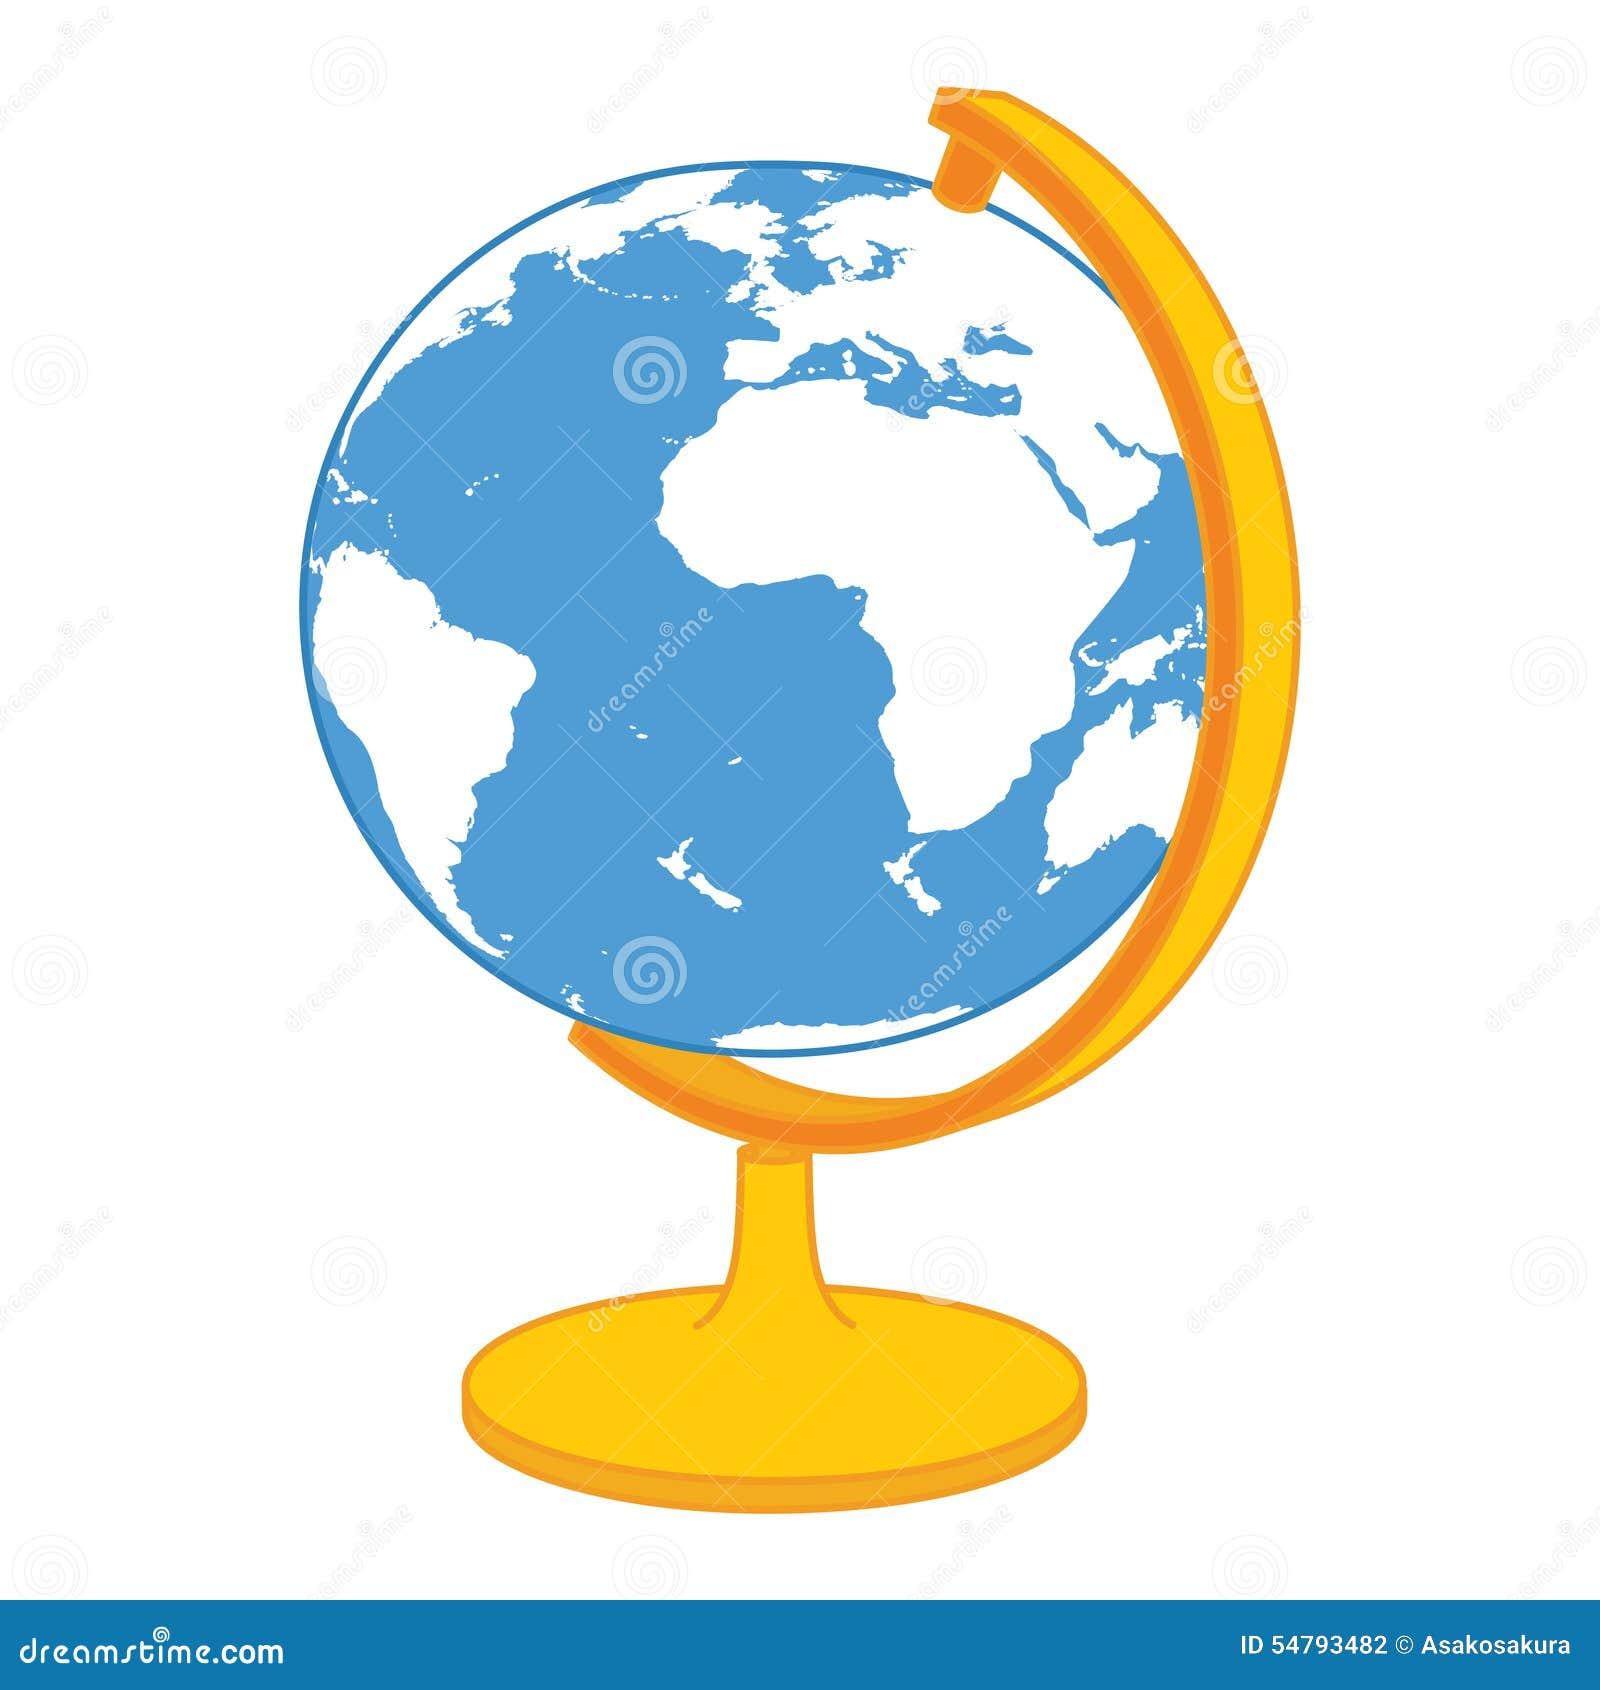 更改地球图标向量